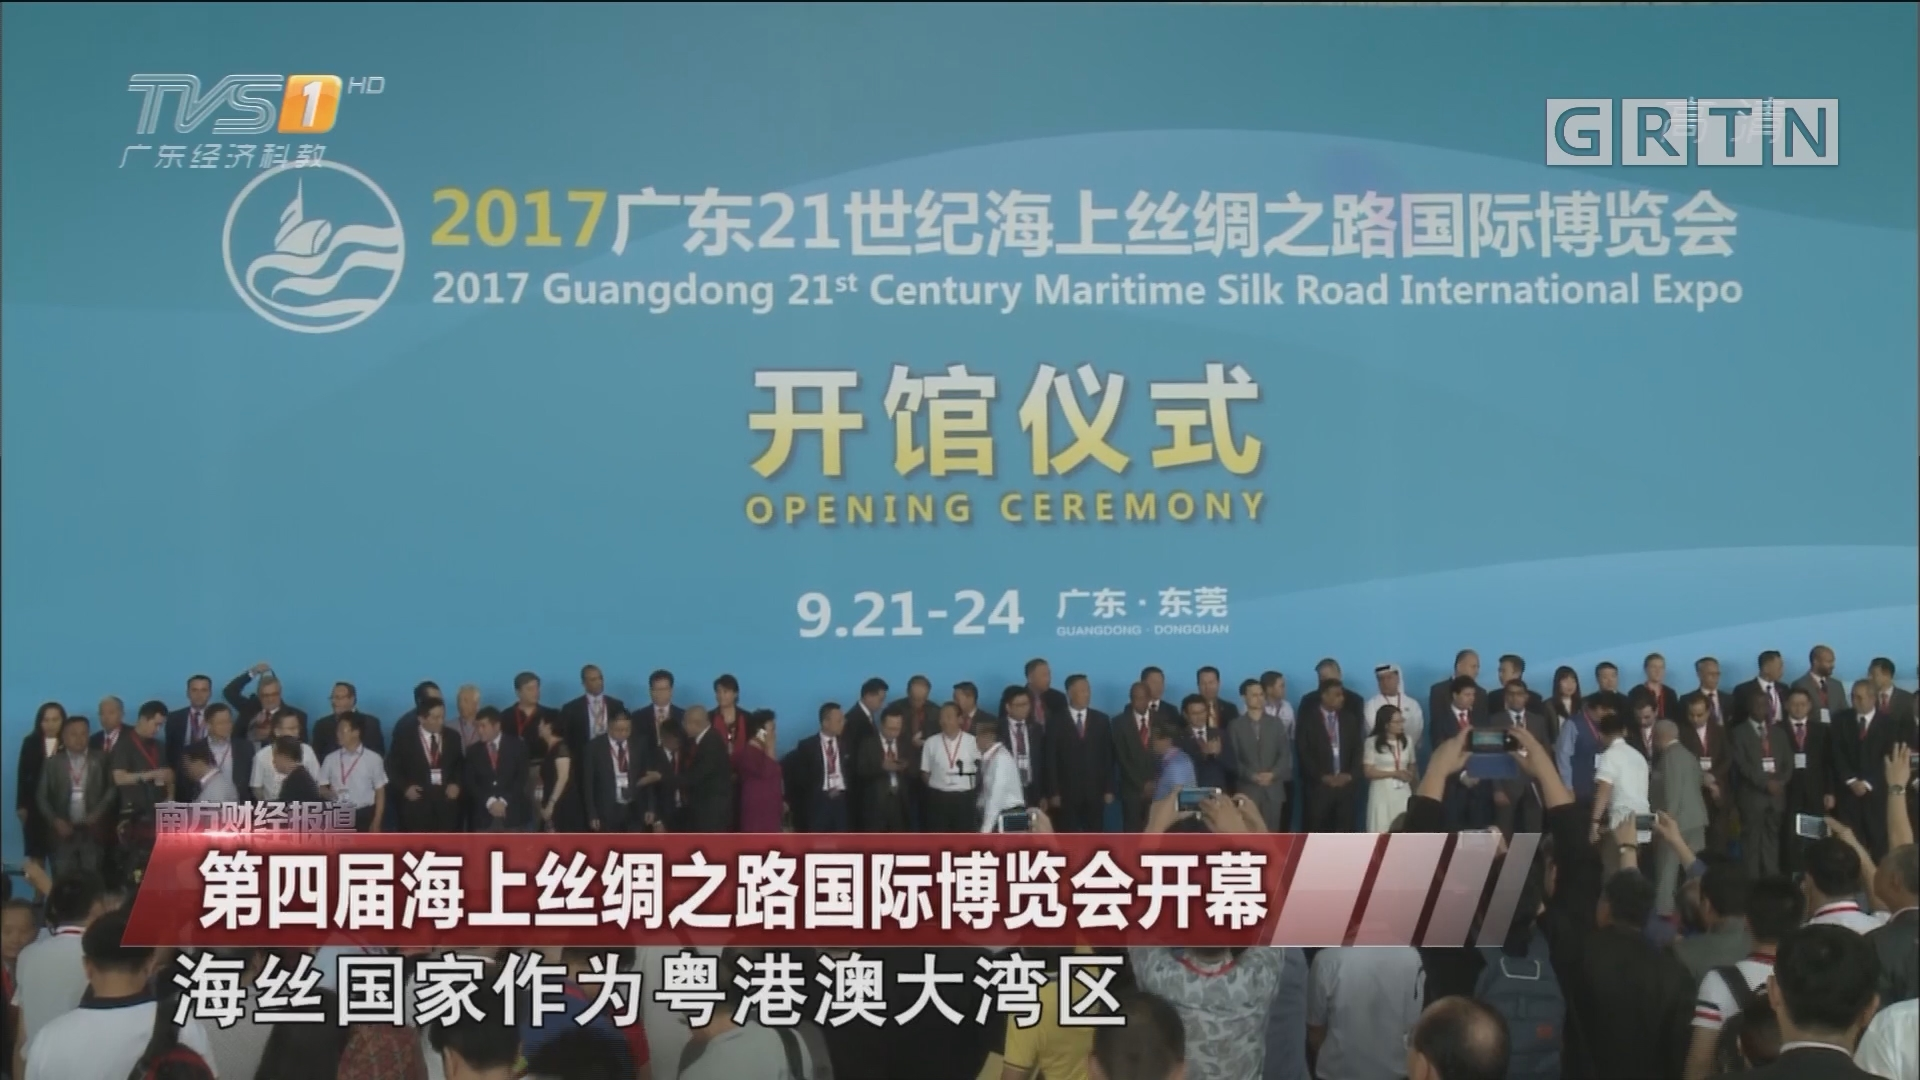 第四届海上丝绸之路国际博览会开幕